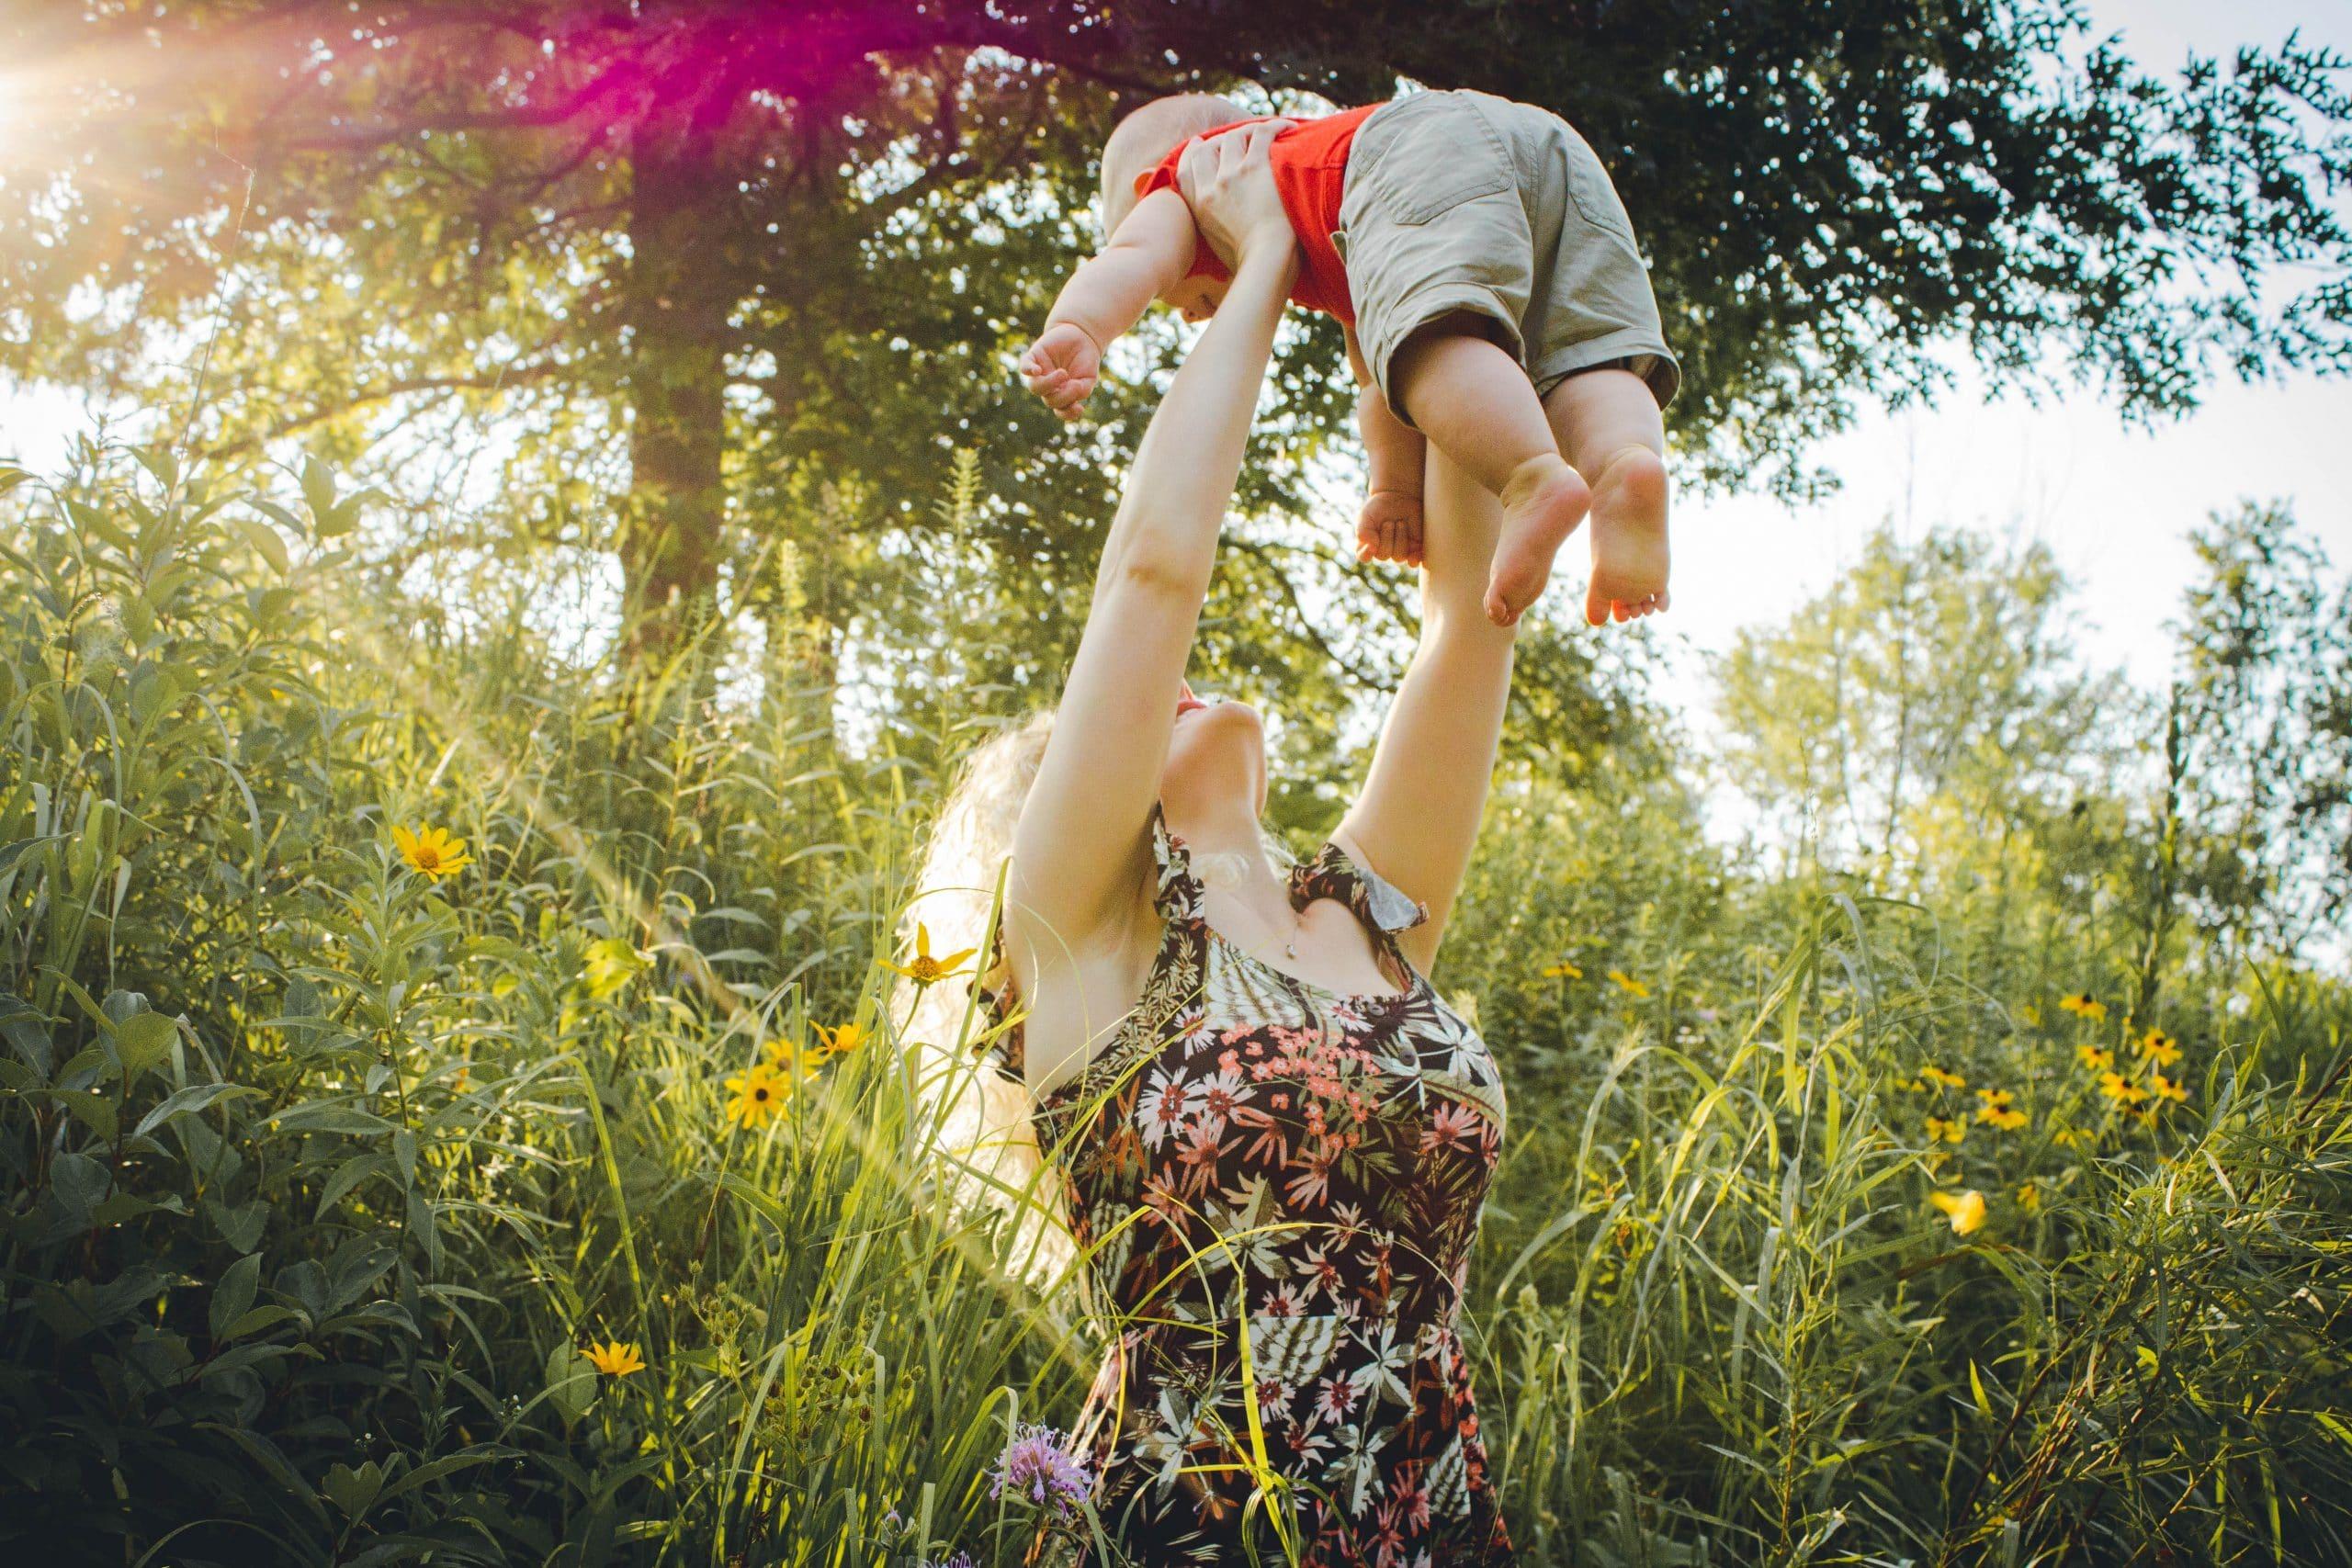 Mãe levanta o filho nos braços em um jardim ensolarado.